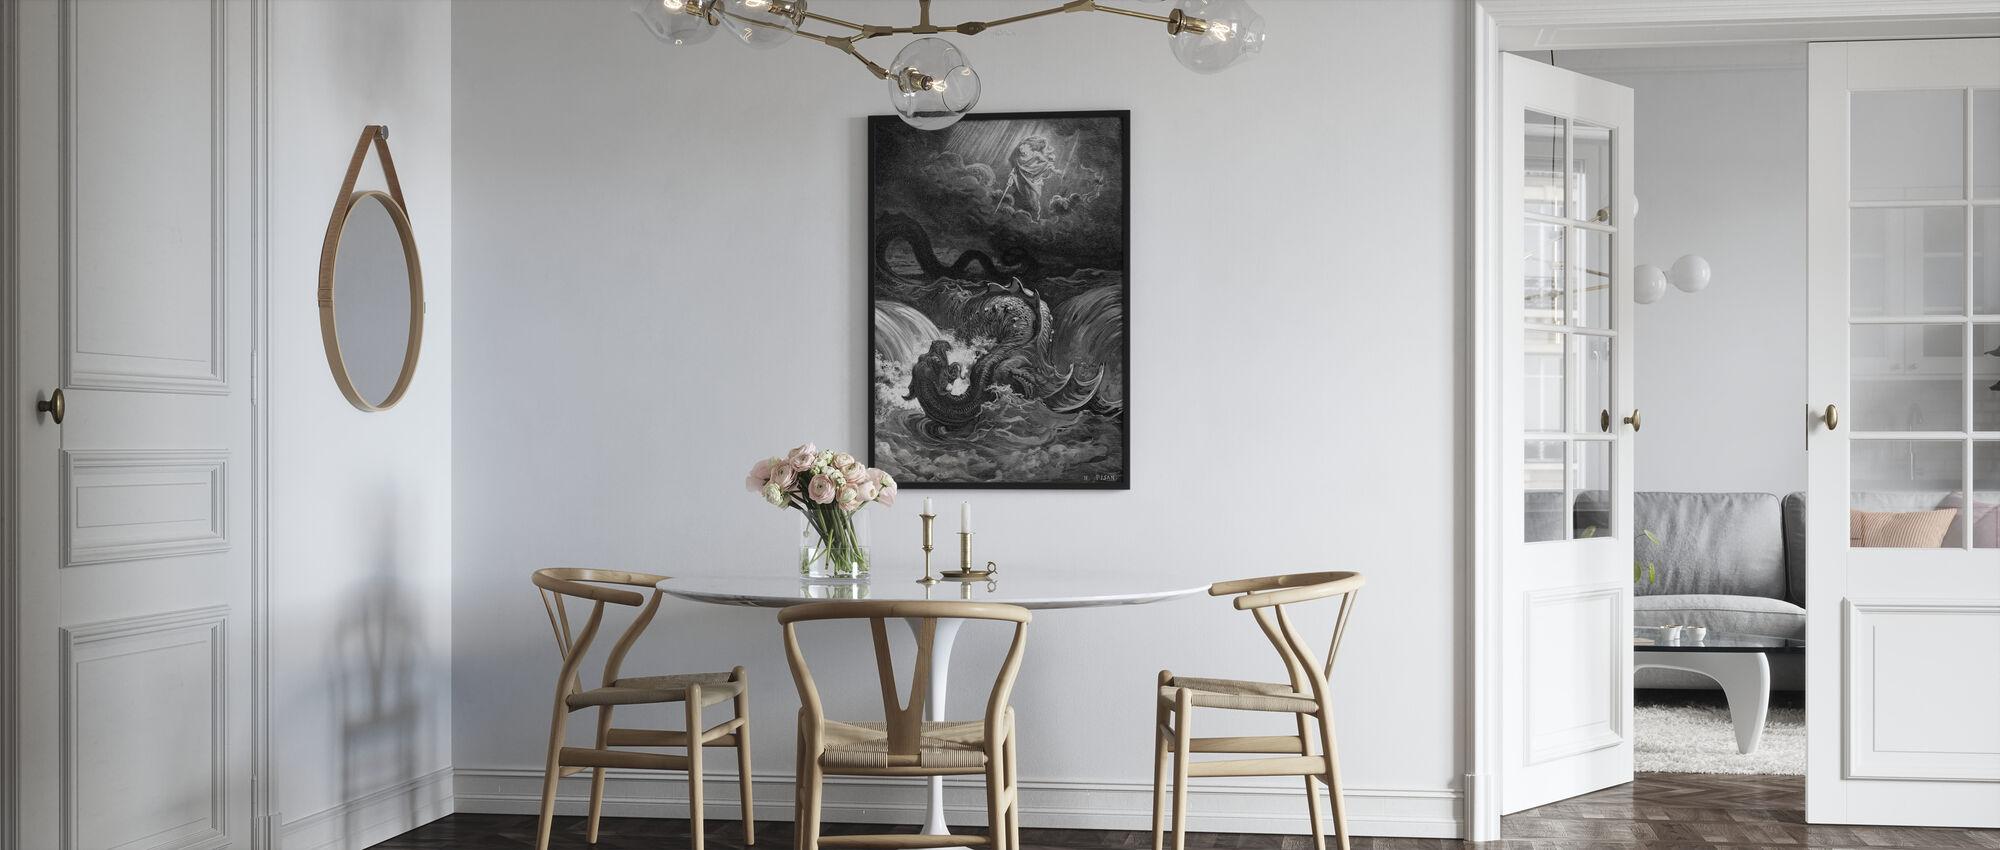 Esaias Syn - Gustave Dore - Poster - Küchen